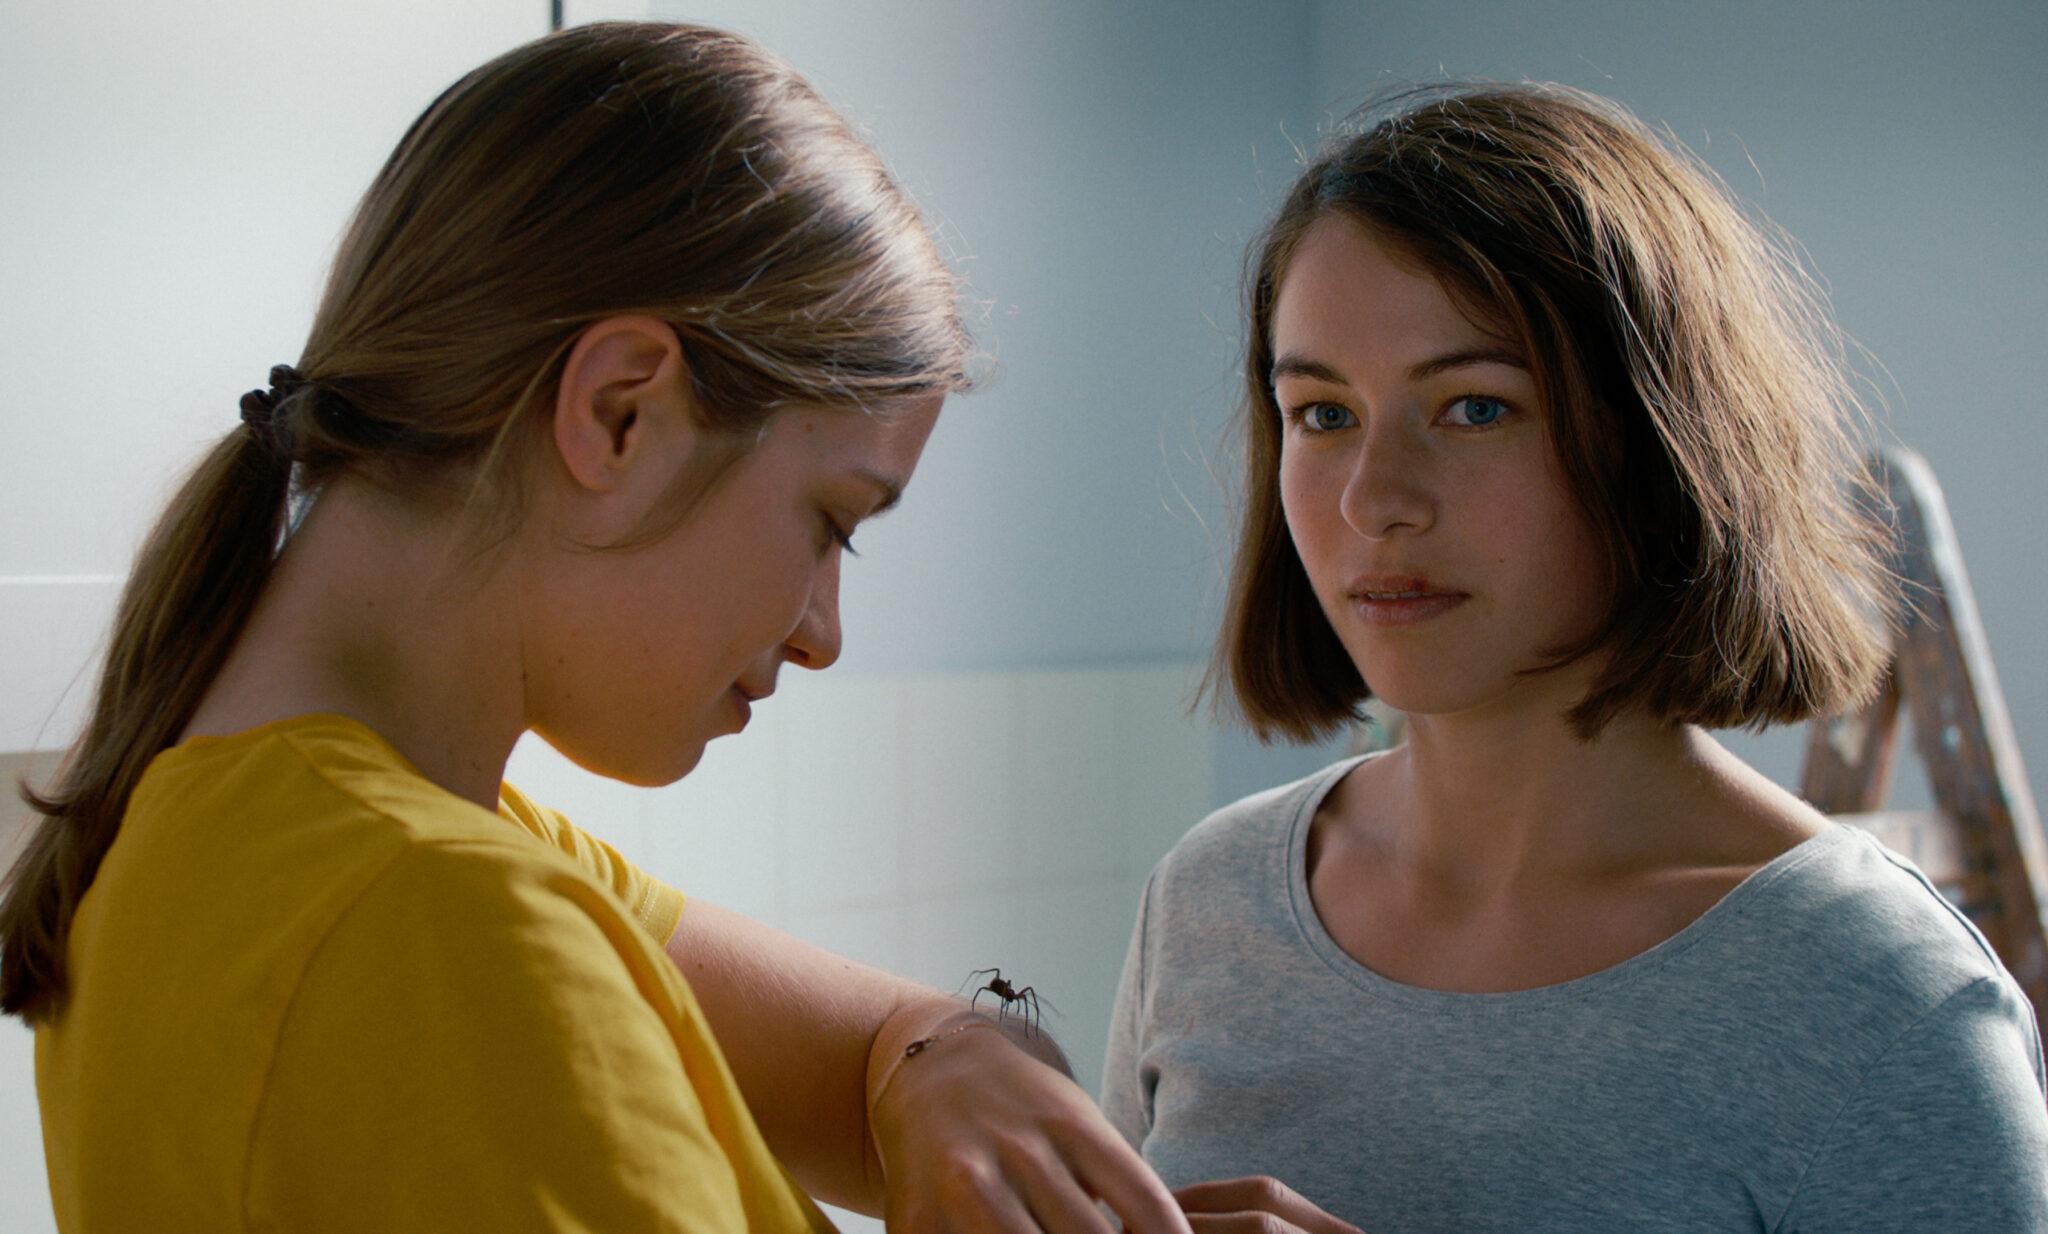 Das linke Mädchen in gelbem T-Shirt hält eine Spinne auf der Hand, das rechte Mädchen (Henriette Confurius) trägt ein graues Shirt und blickt apathisch in den Raum.